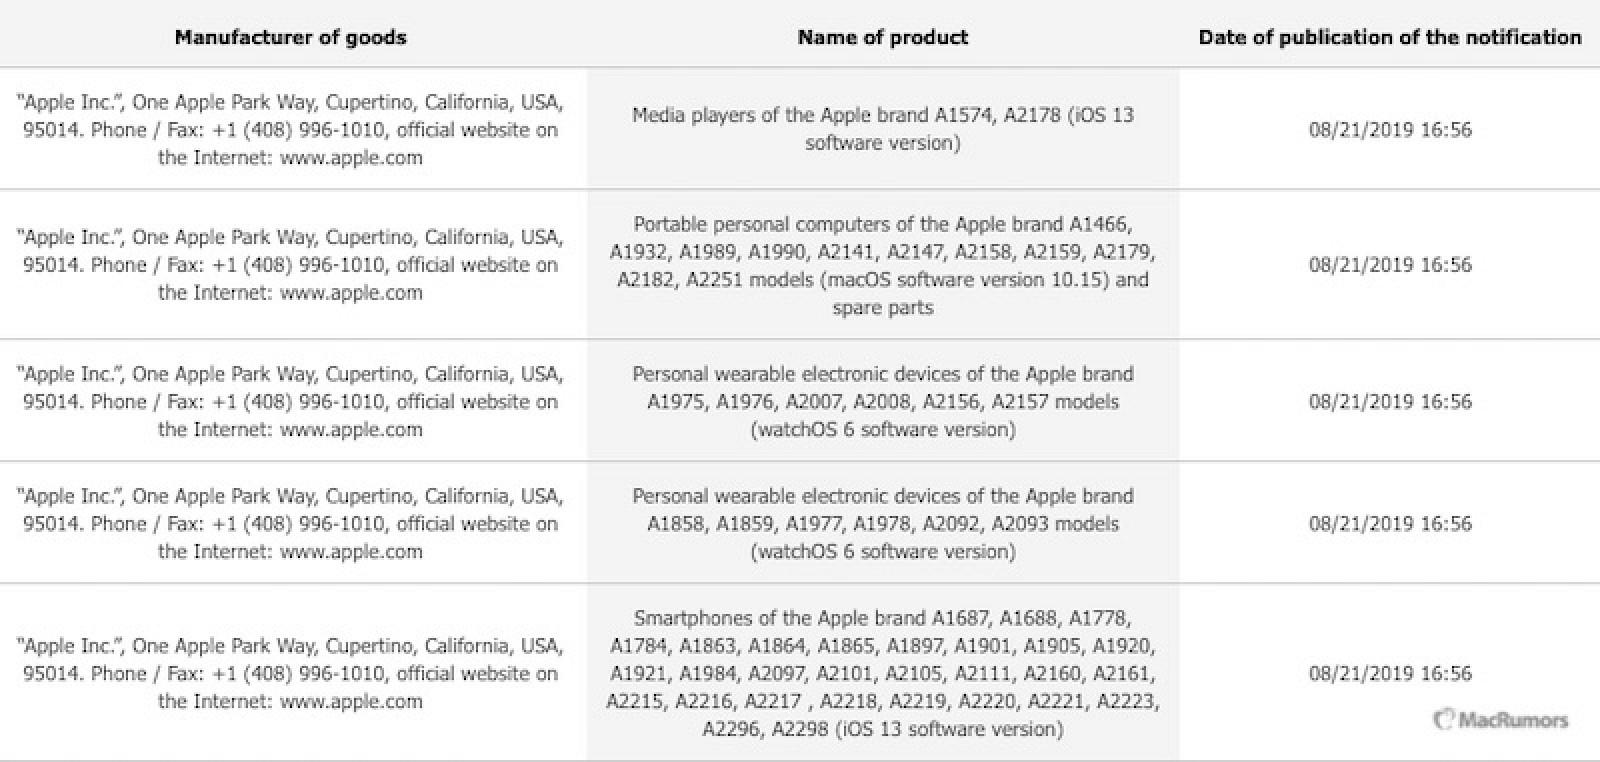 Registro de nuevos modelos de iPhone y de Apple Watch en la Eliminar término: Eurasian Economic Commission Eurasian Economic Commission